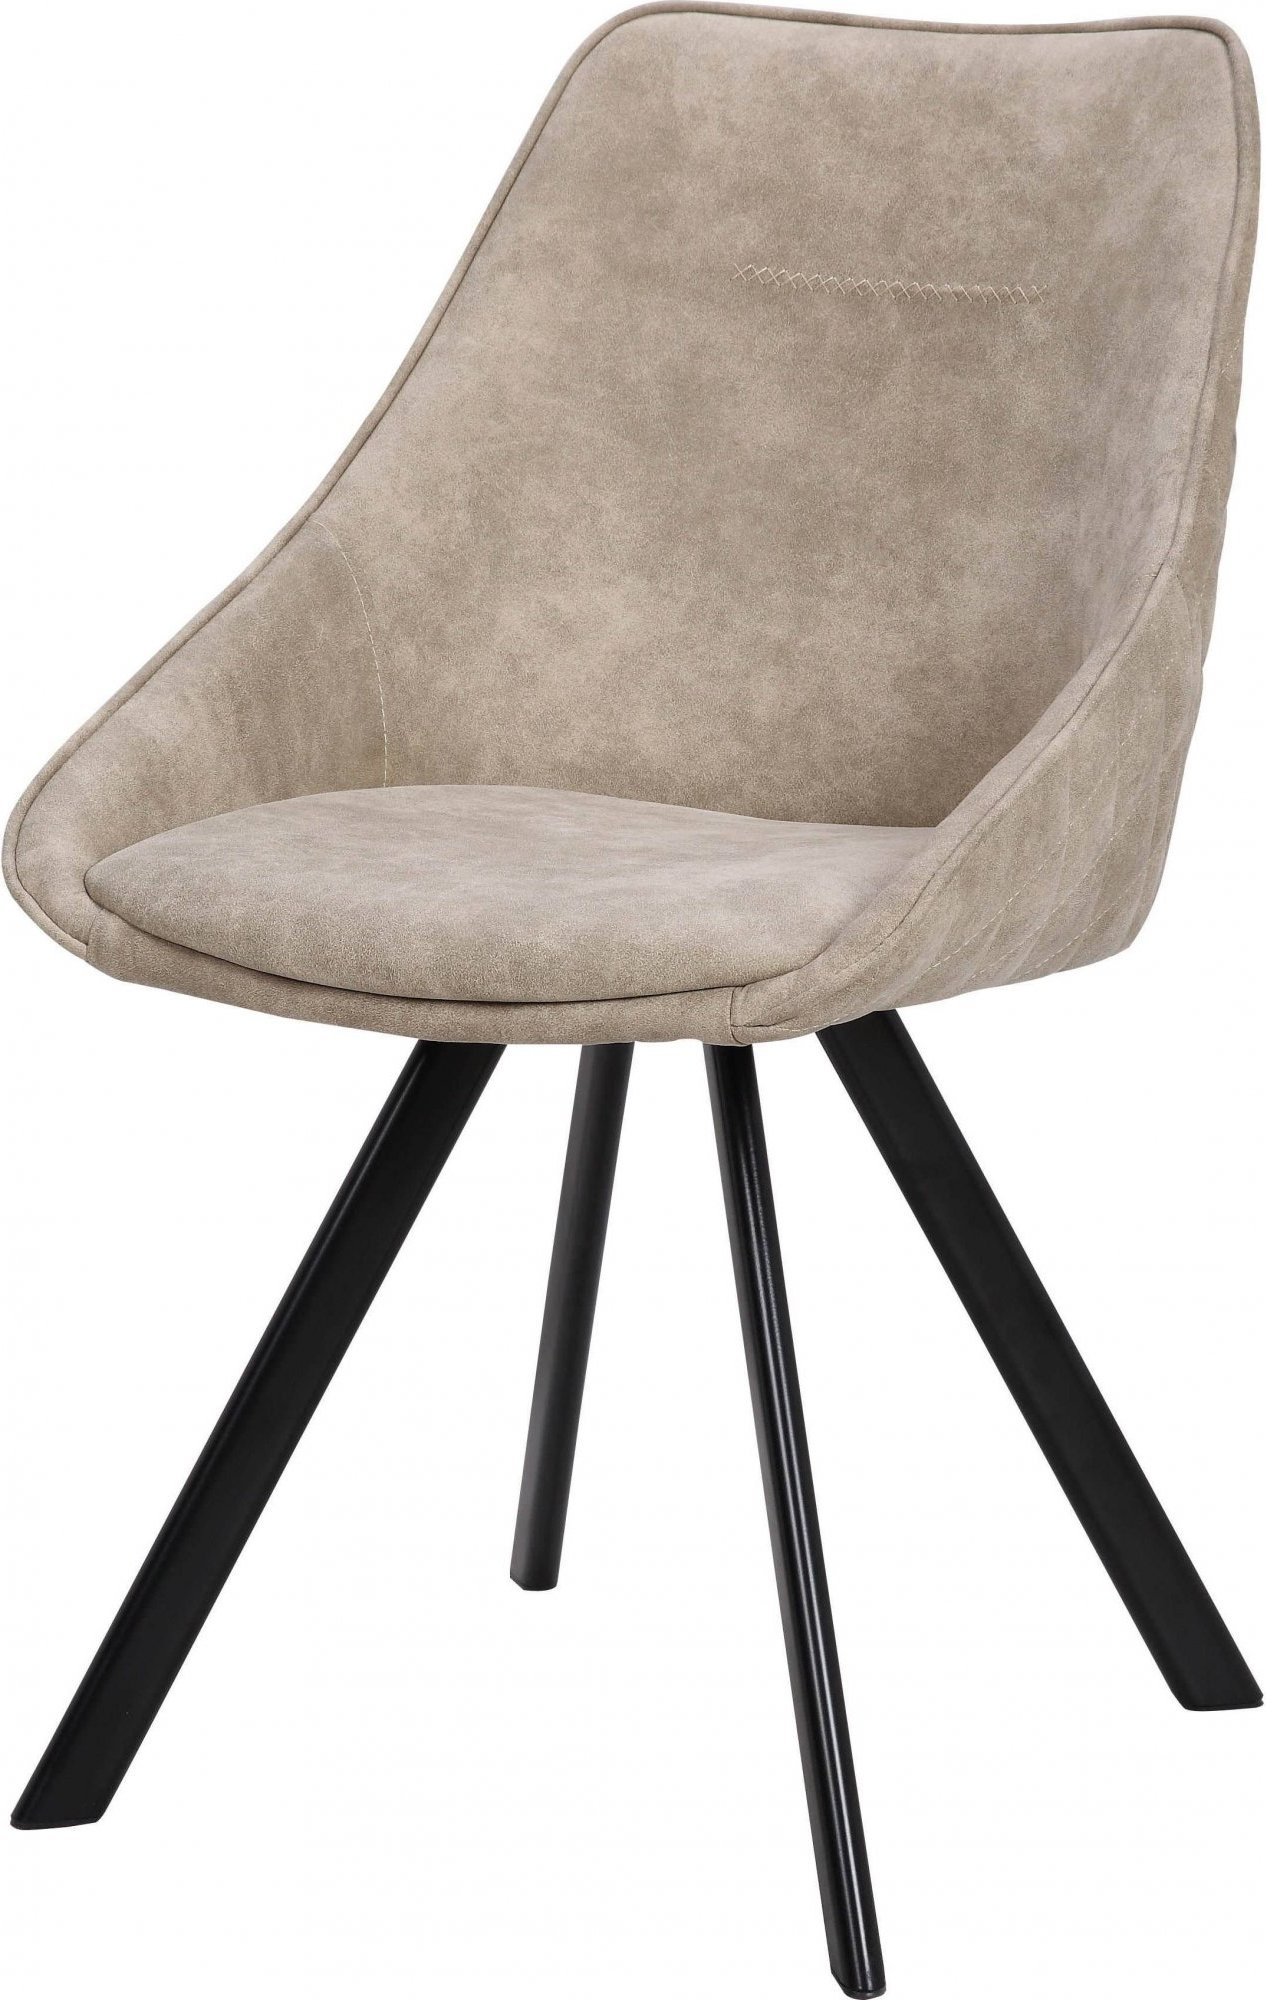 Chaise design velours rembourrée couleur beige (lot de 2)